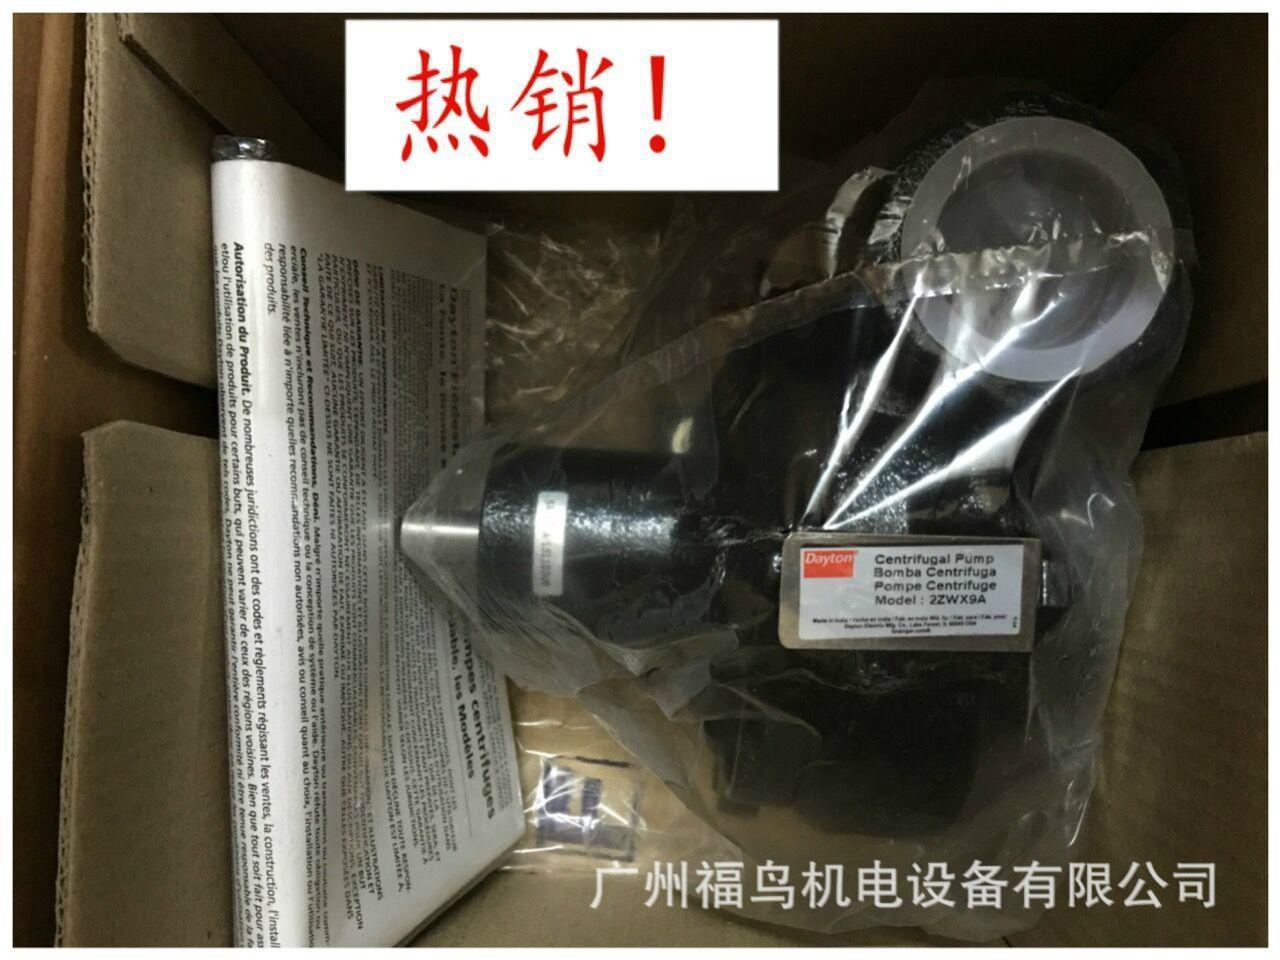 DAYTON離心泵, 型號: 2ZWX9A